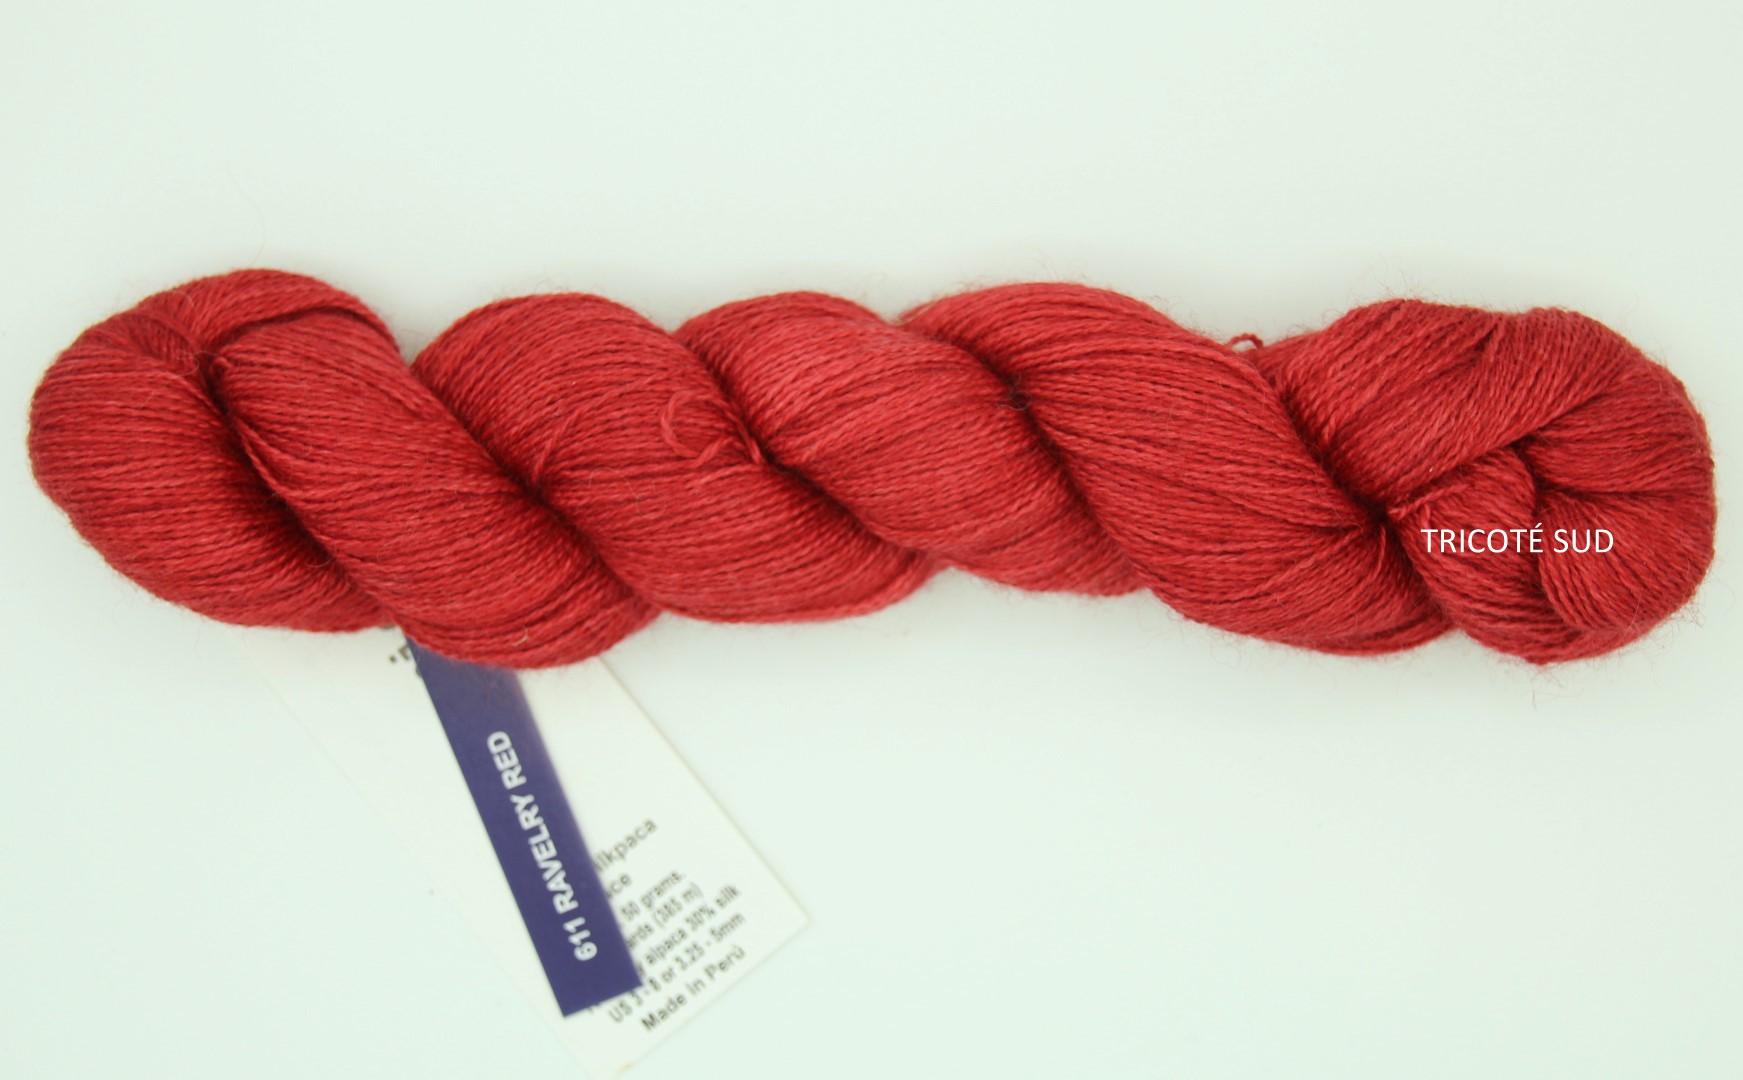 SILKPACA MALABRIGO COLORIS RAVELRY RED (Large)